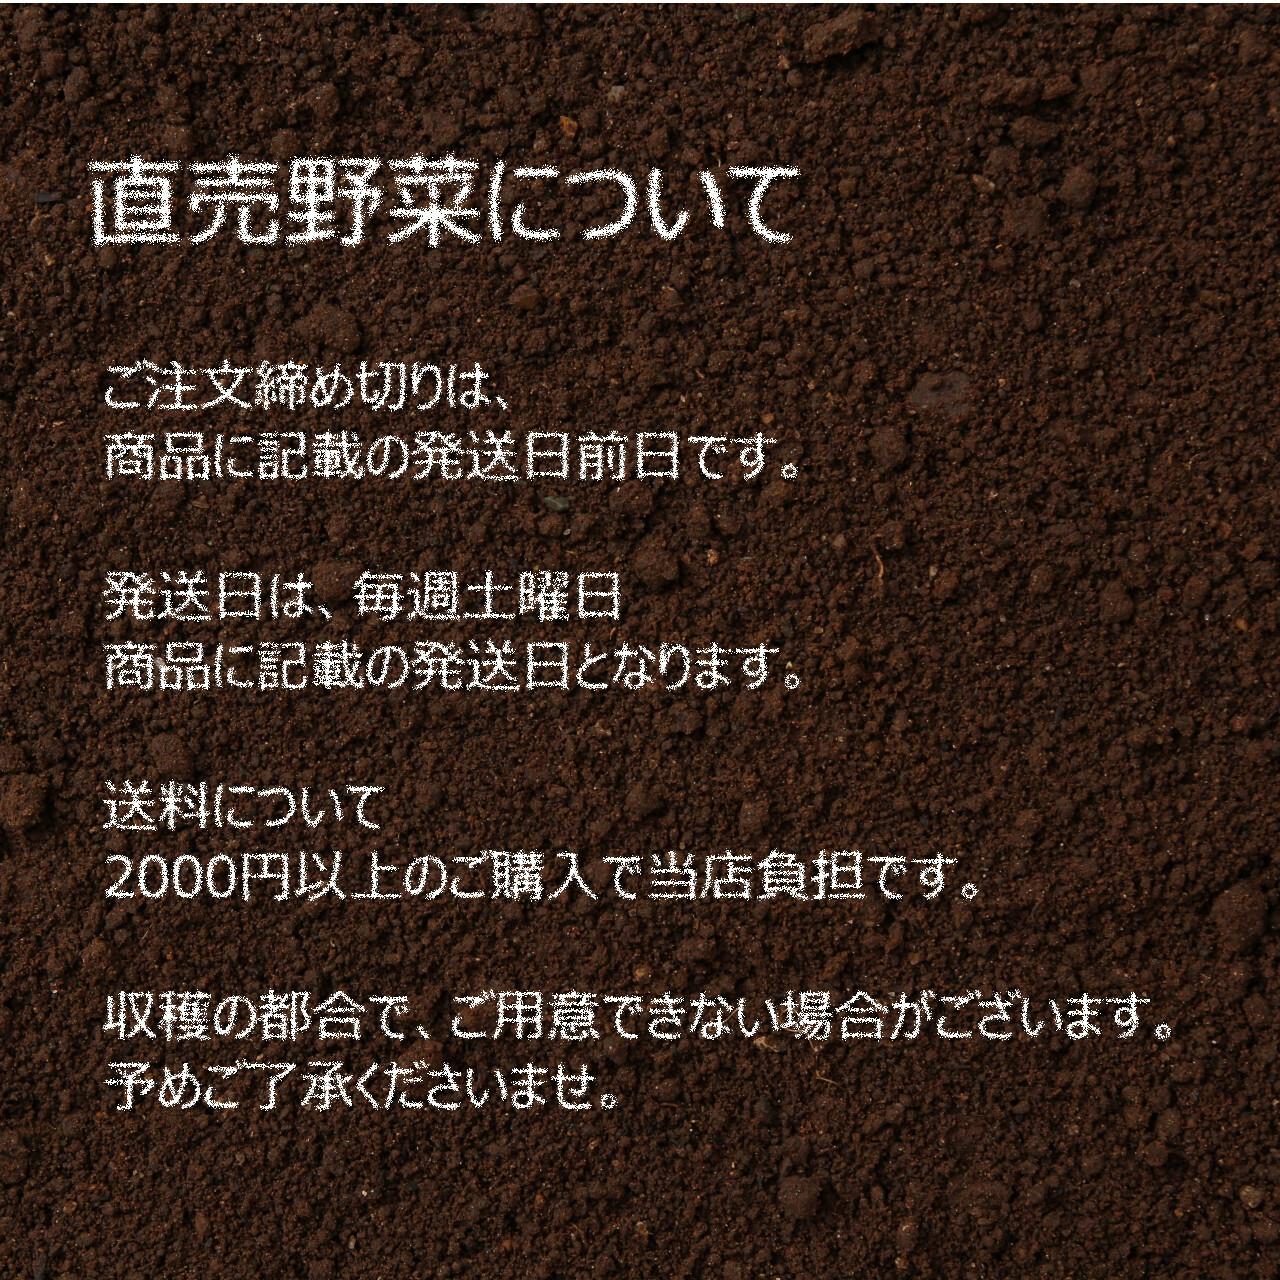 7月の朝採り直売野菜 : 大葉 約100g 7月6日発送予定